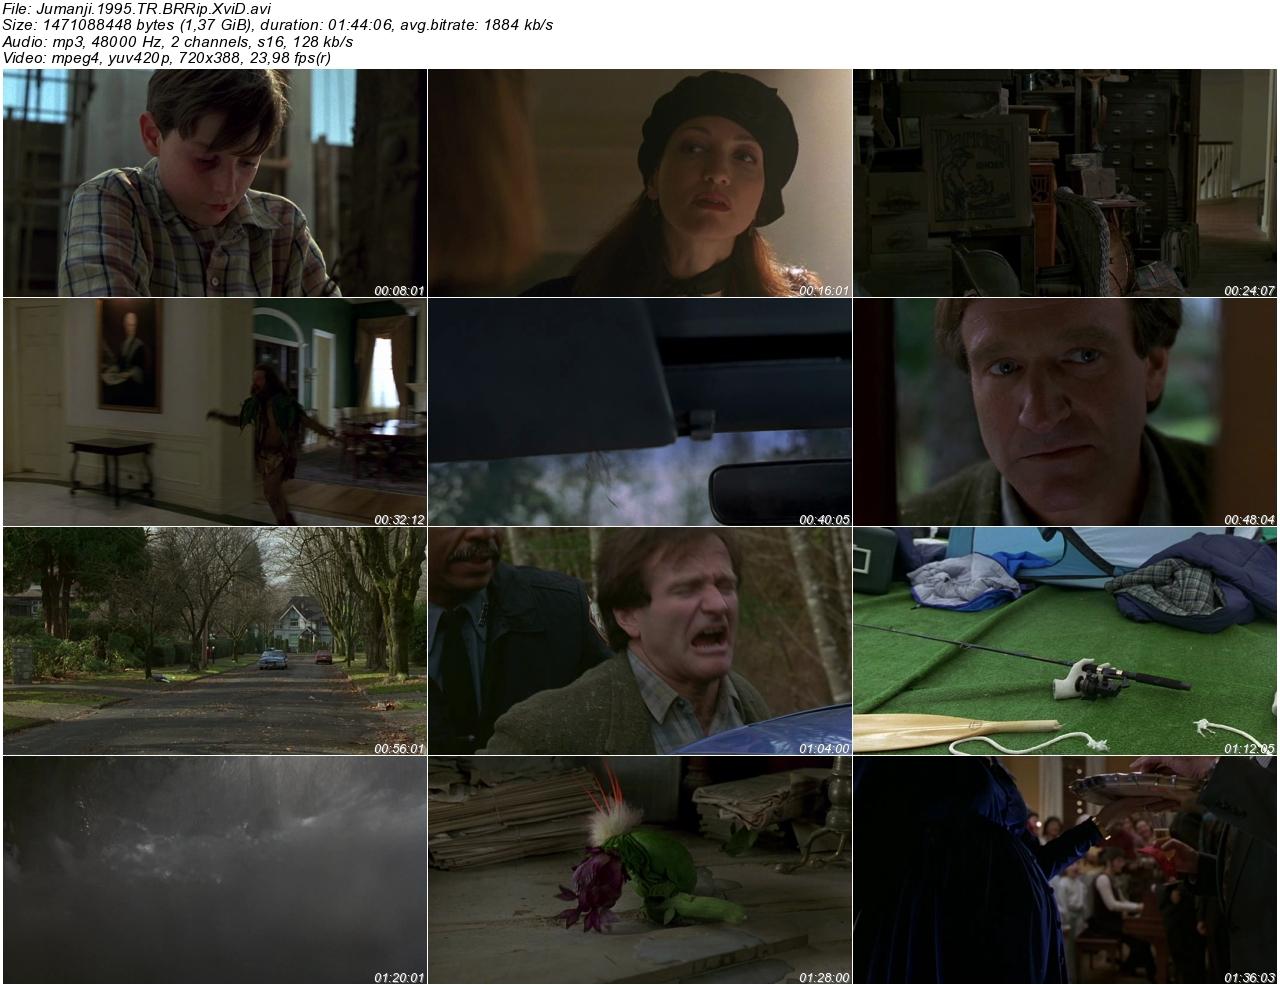 Jumanji 1995 - 1080p 720p 480p - Türkçe Dublaj Tek Link indir